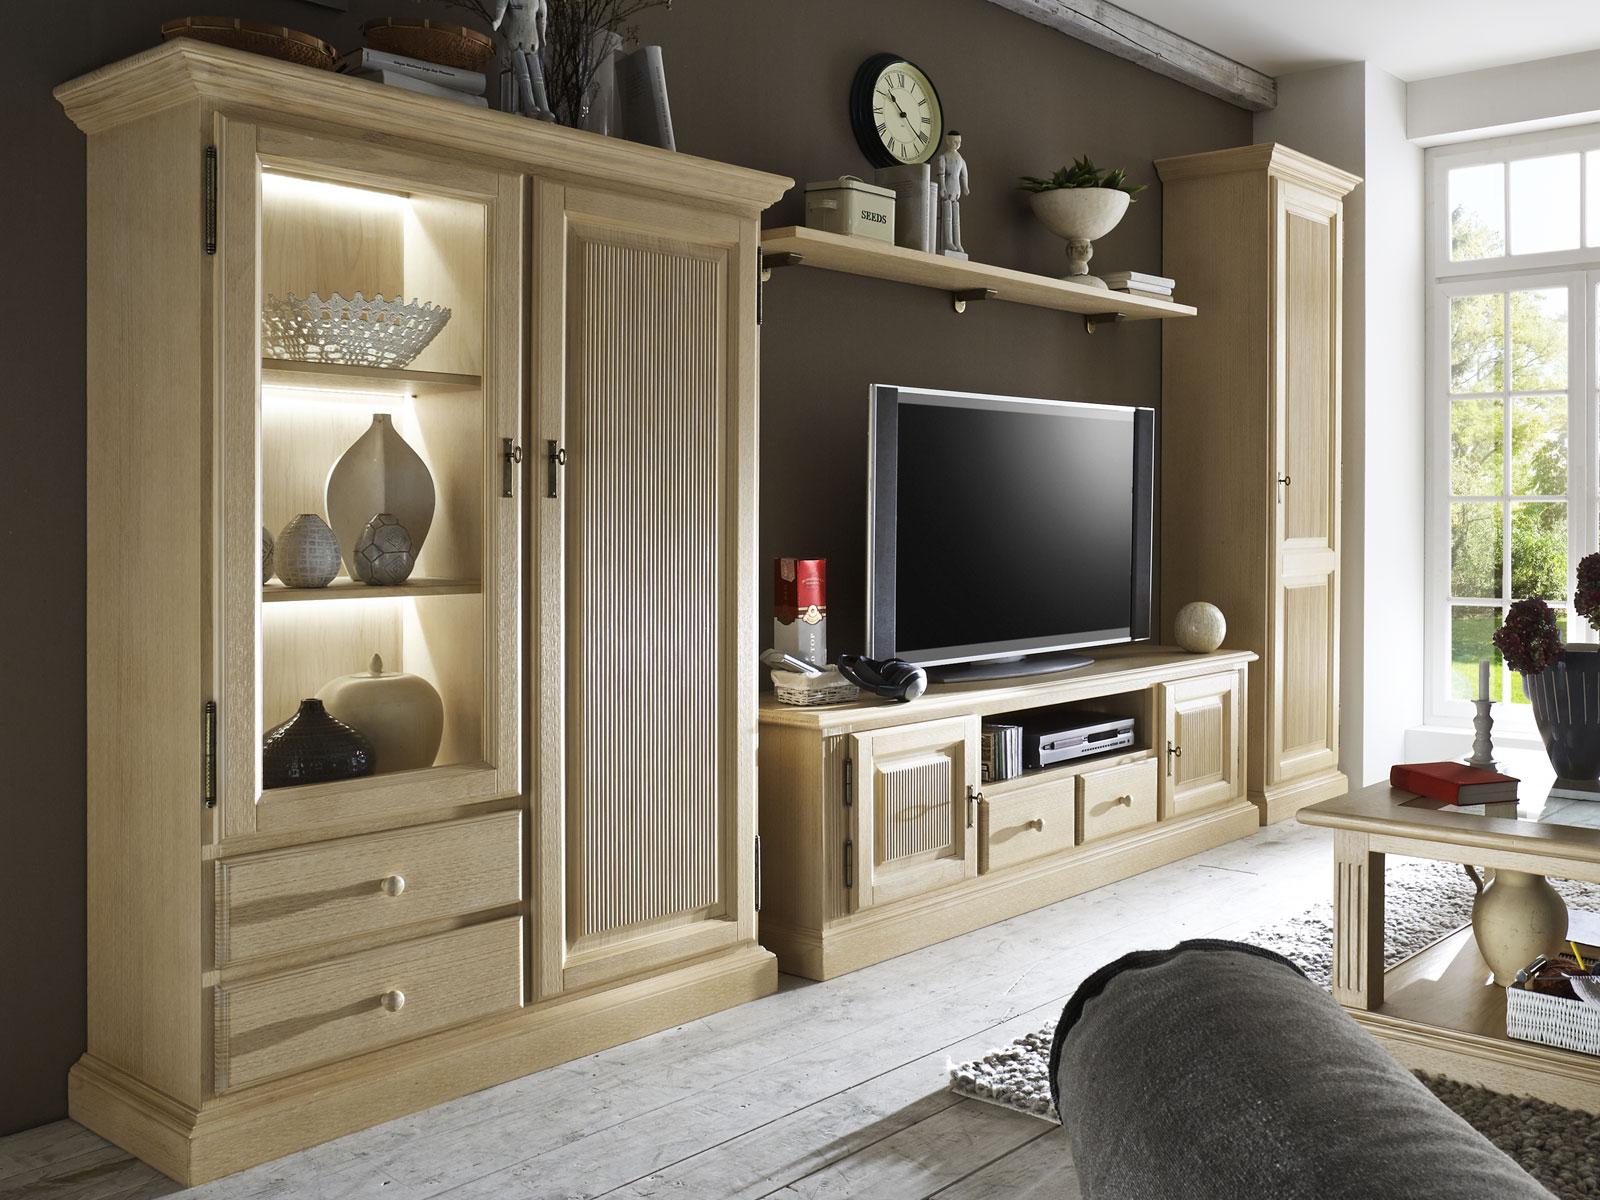 Wohnwand Wohnzimmer Schränke Casapino 100000-teilig 10000 Vitrine 10000 TV-Schrank 10000  Highboard 10000 Wandboard